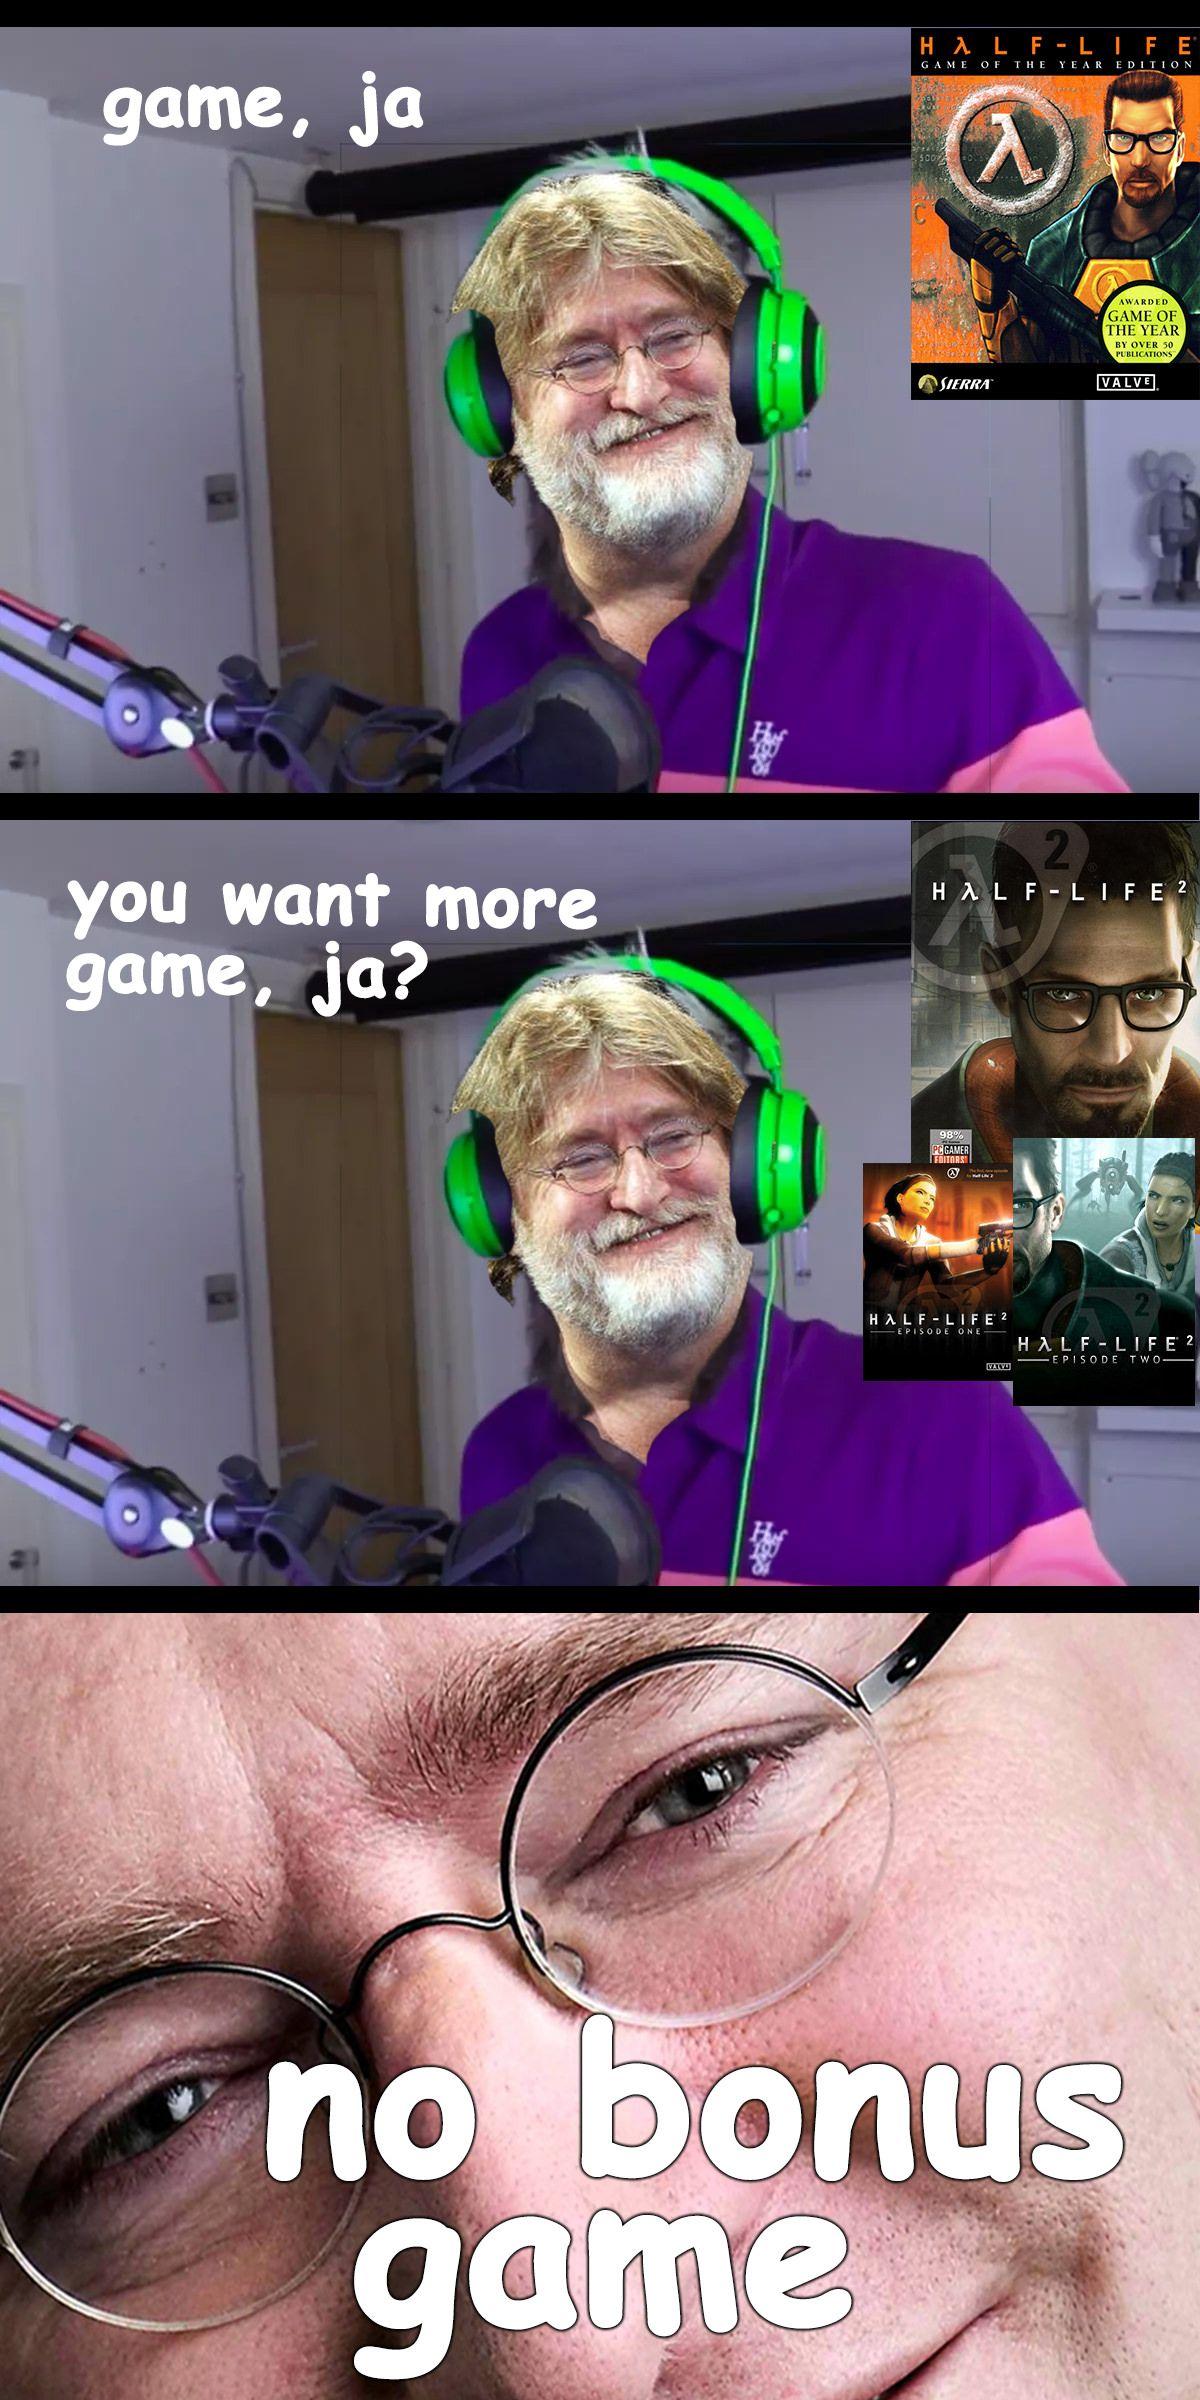 Bonus Meme 3 Confirmed Bonus Meme Half Life Game Video Games Games